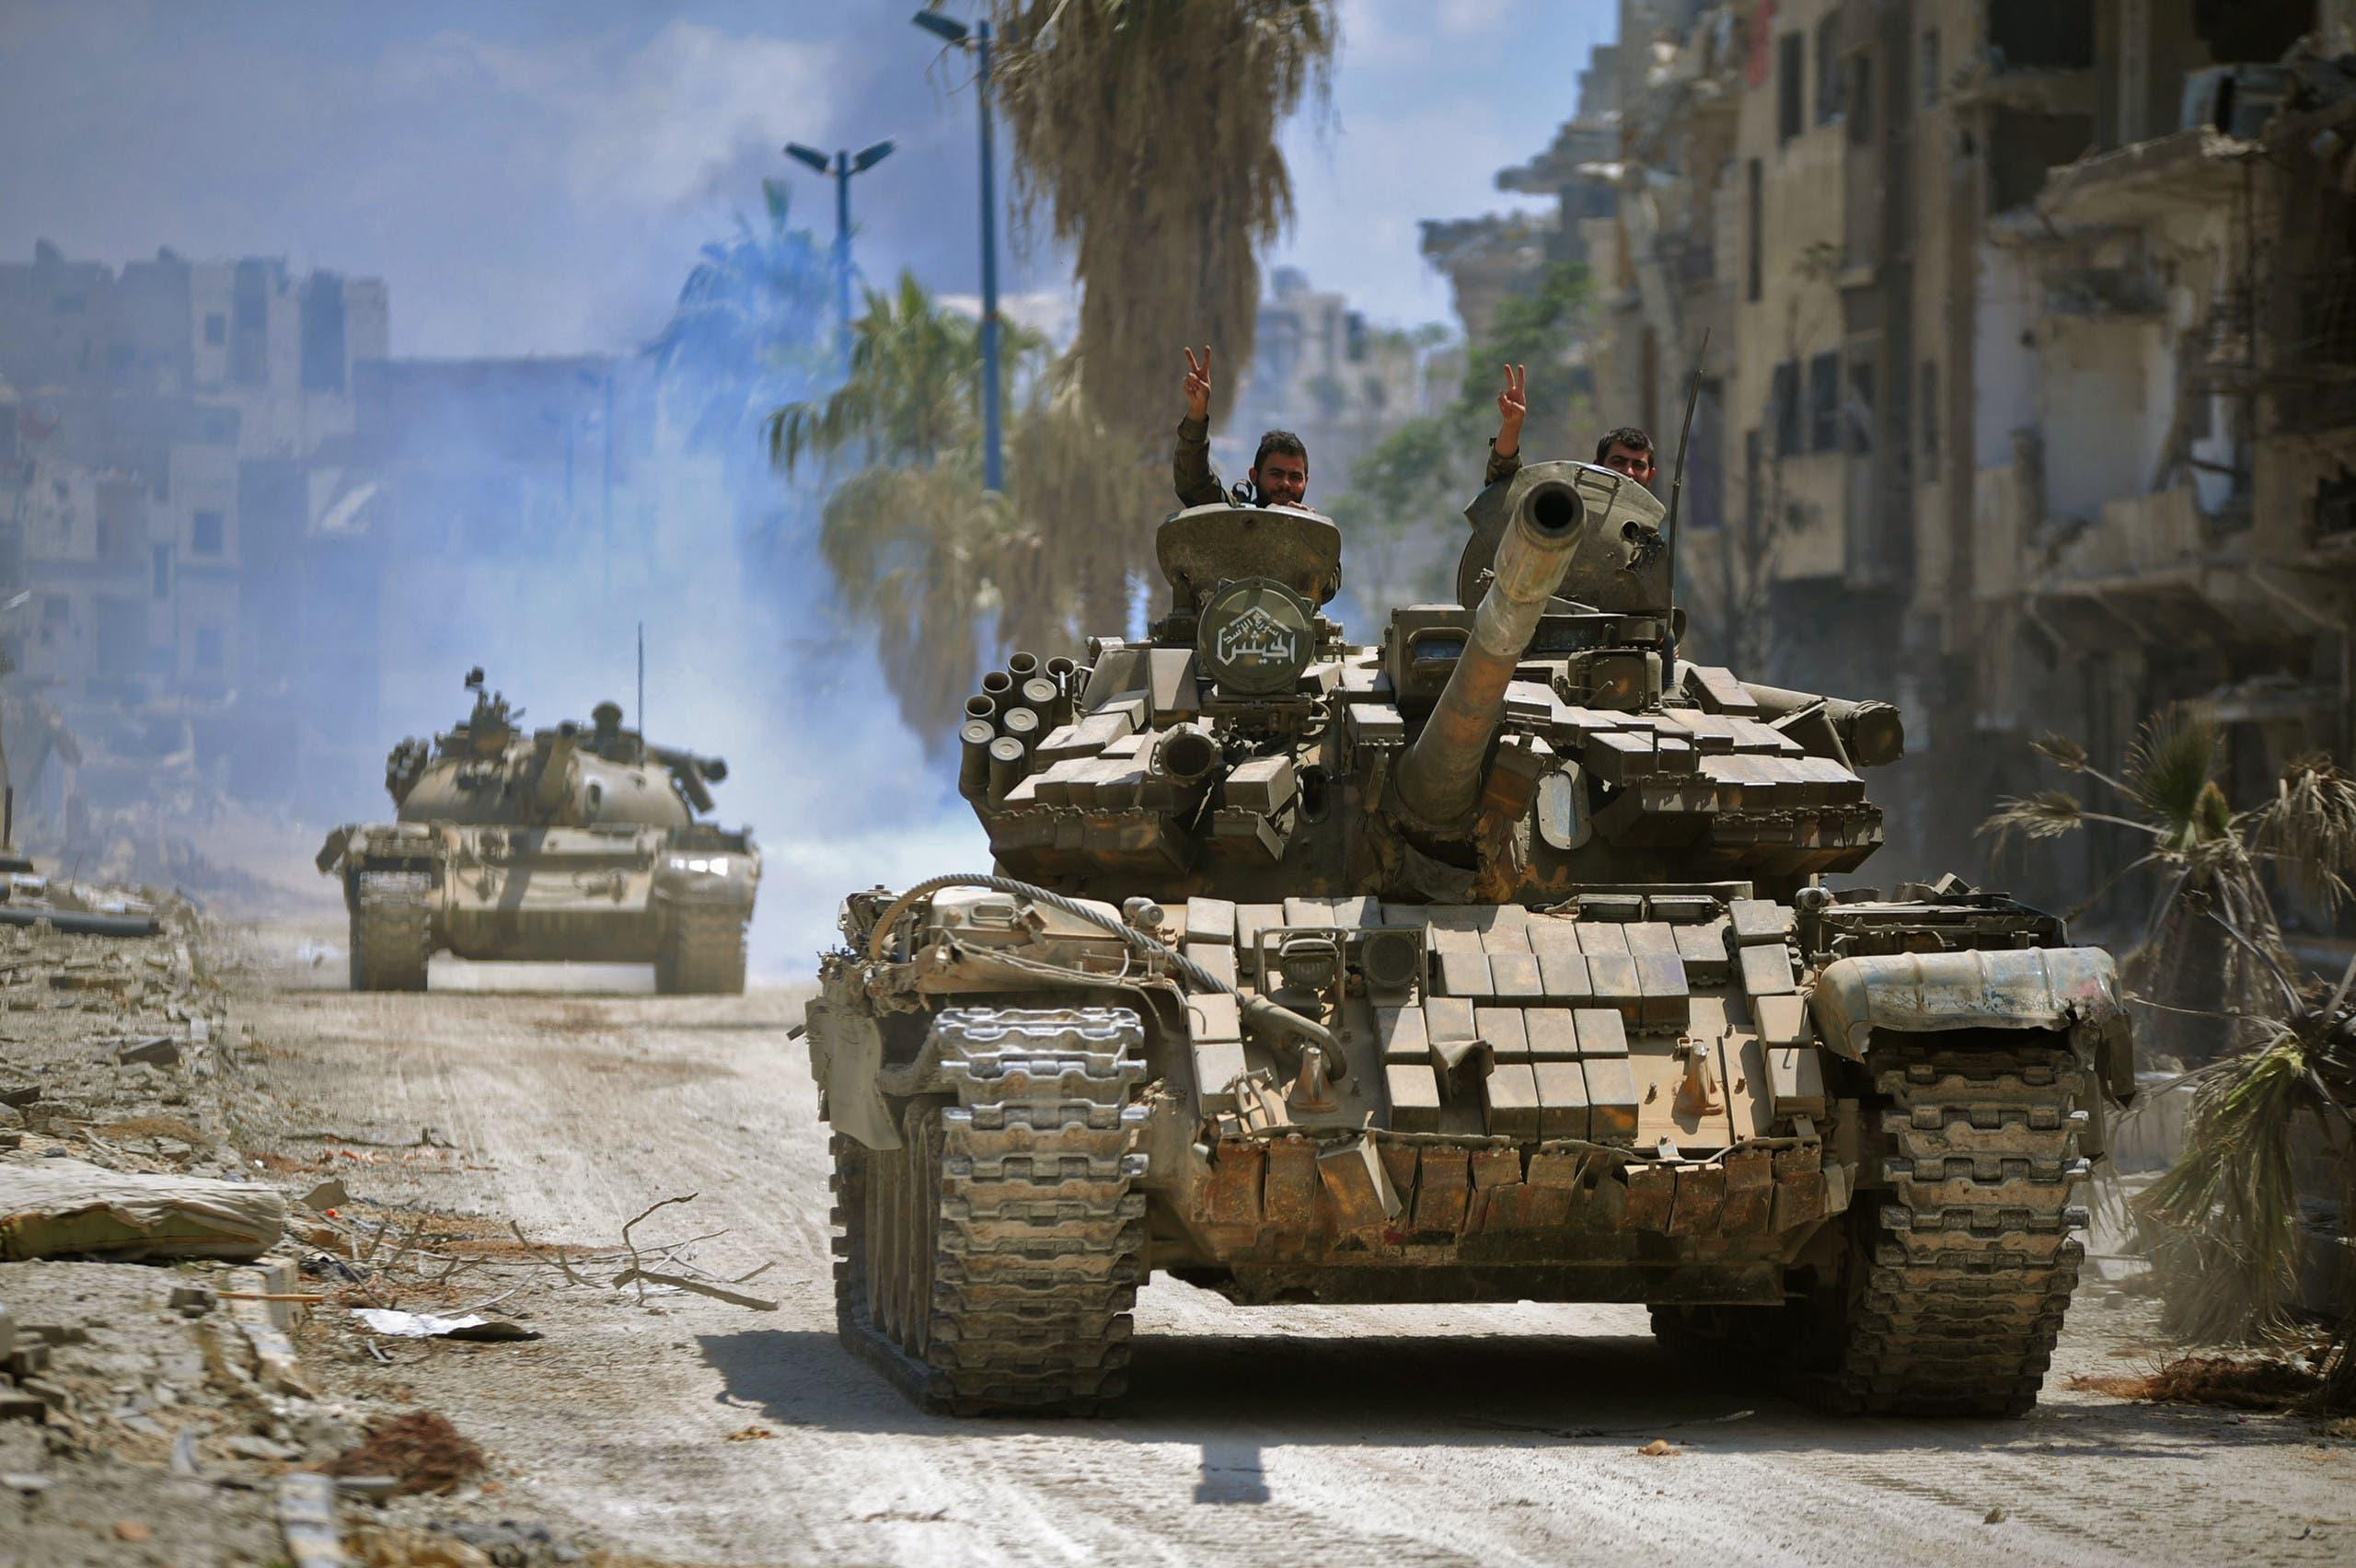 آليات عسكرية تابعة لقوات الأسد